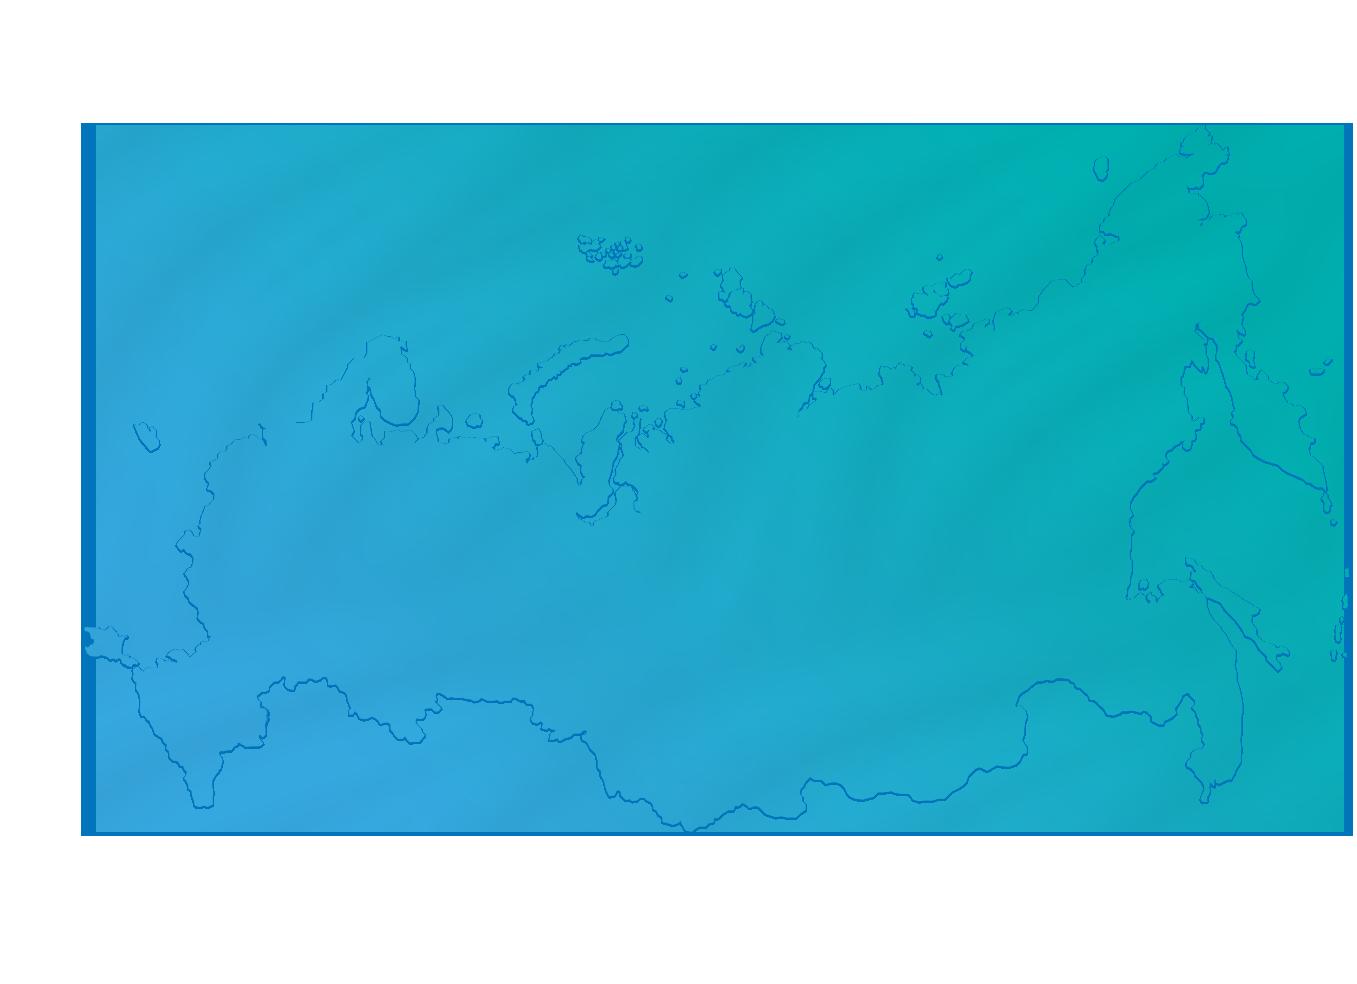 География заказов брендированной воды